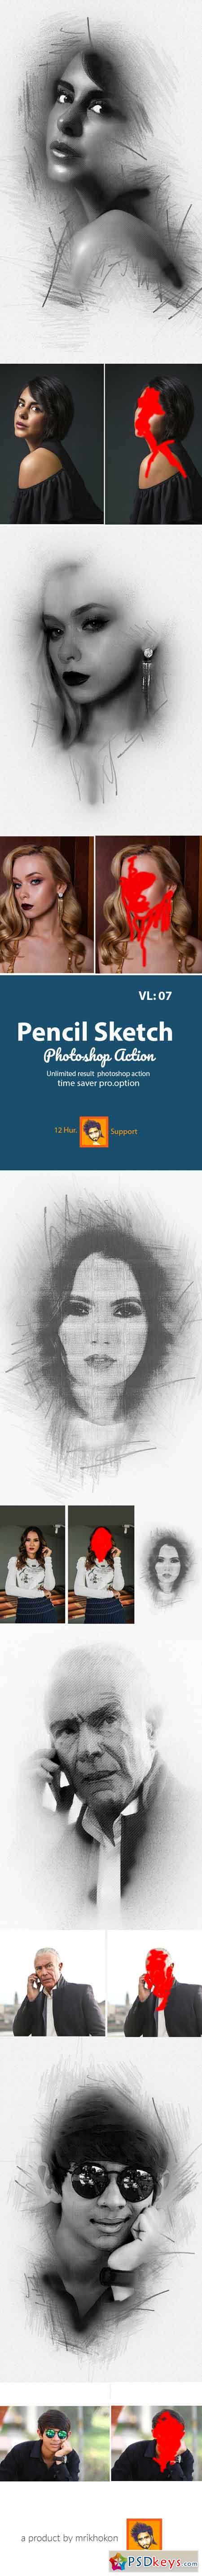 Pencil Sketch Photoshop Action 23048429